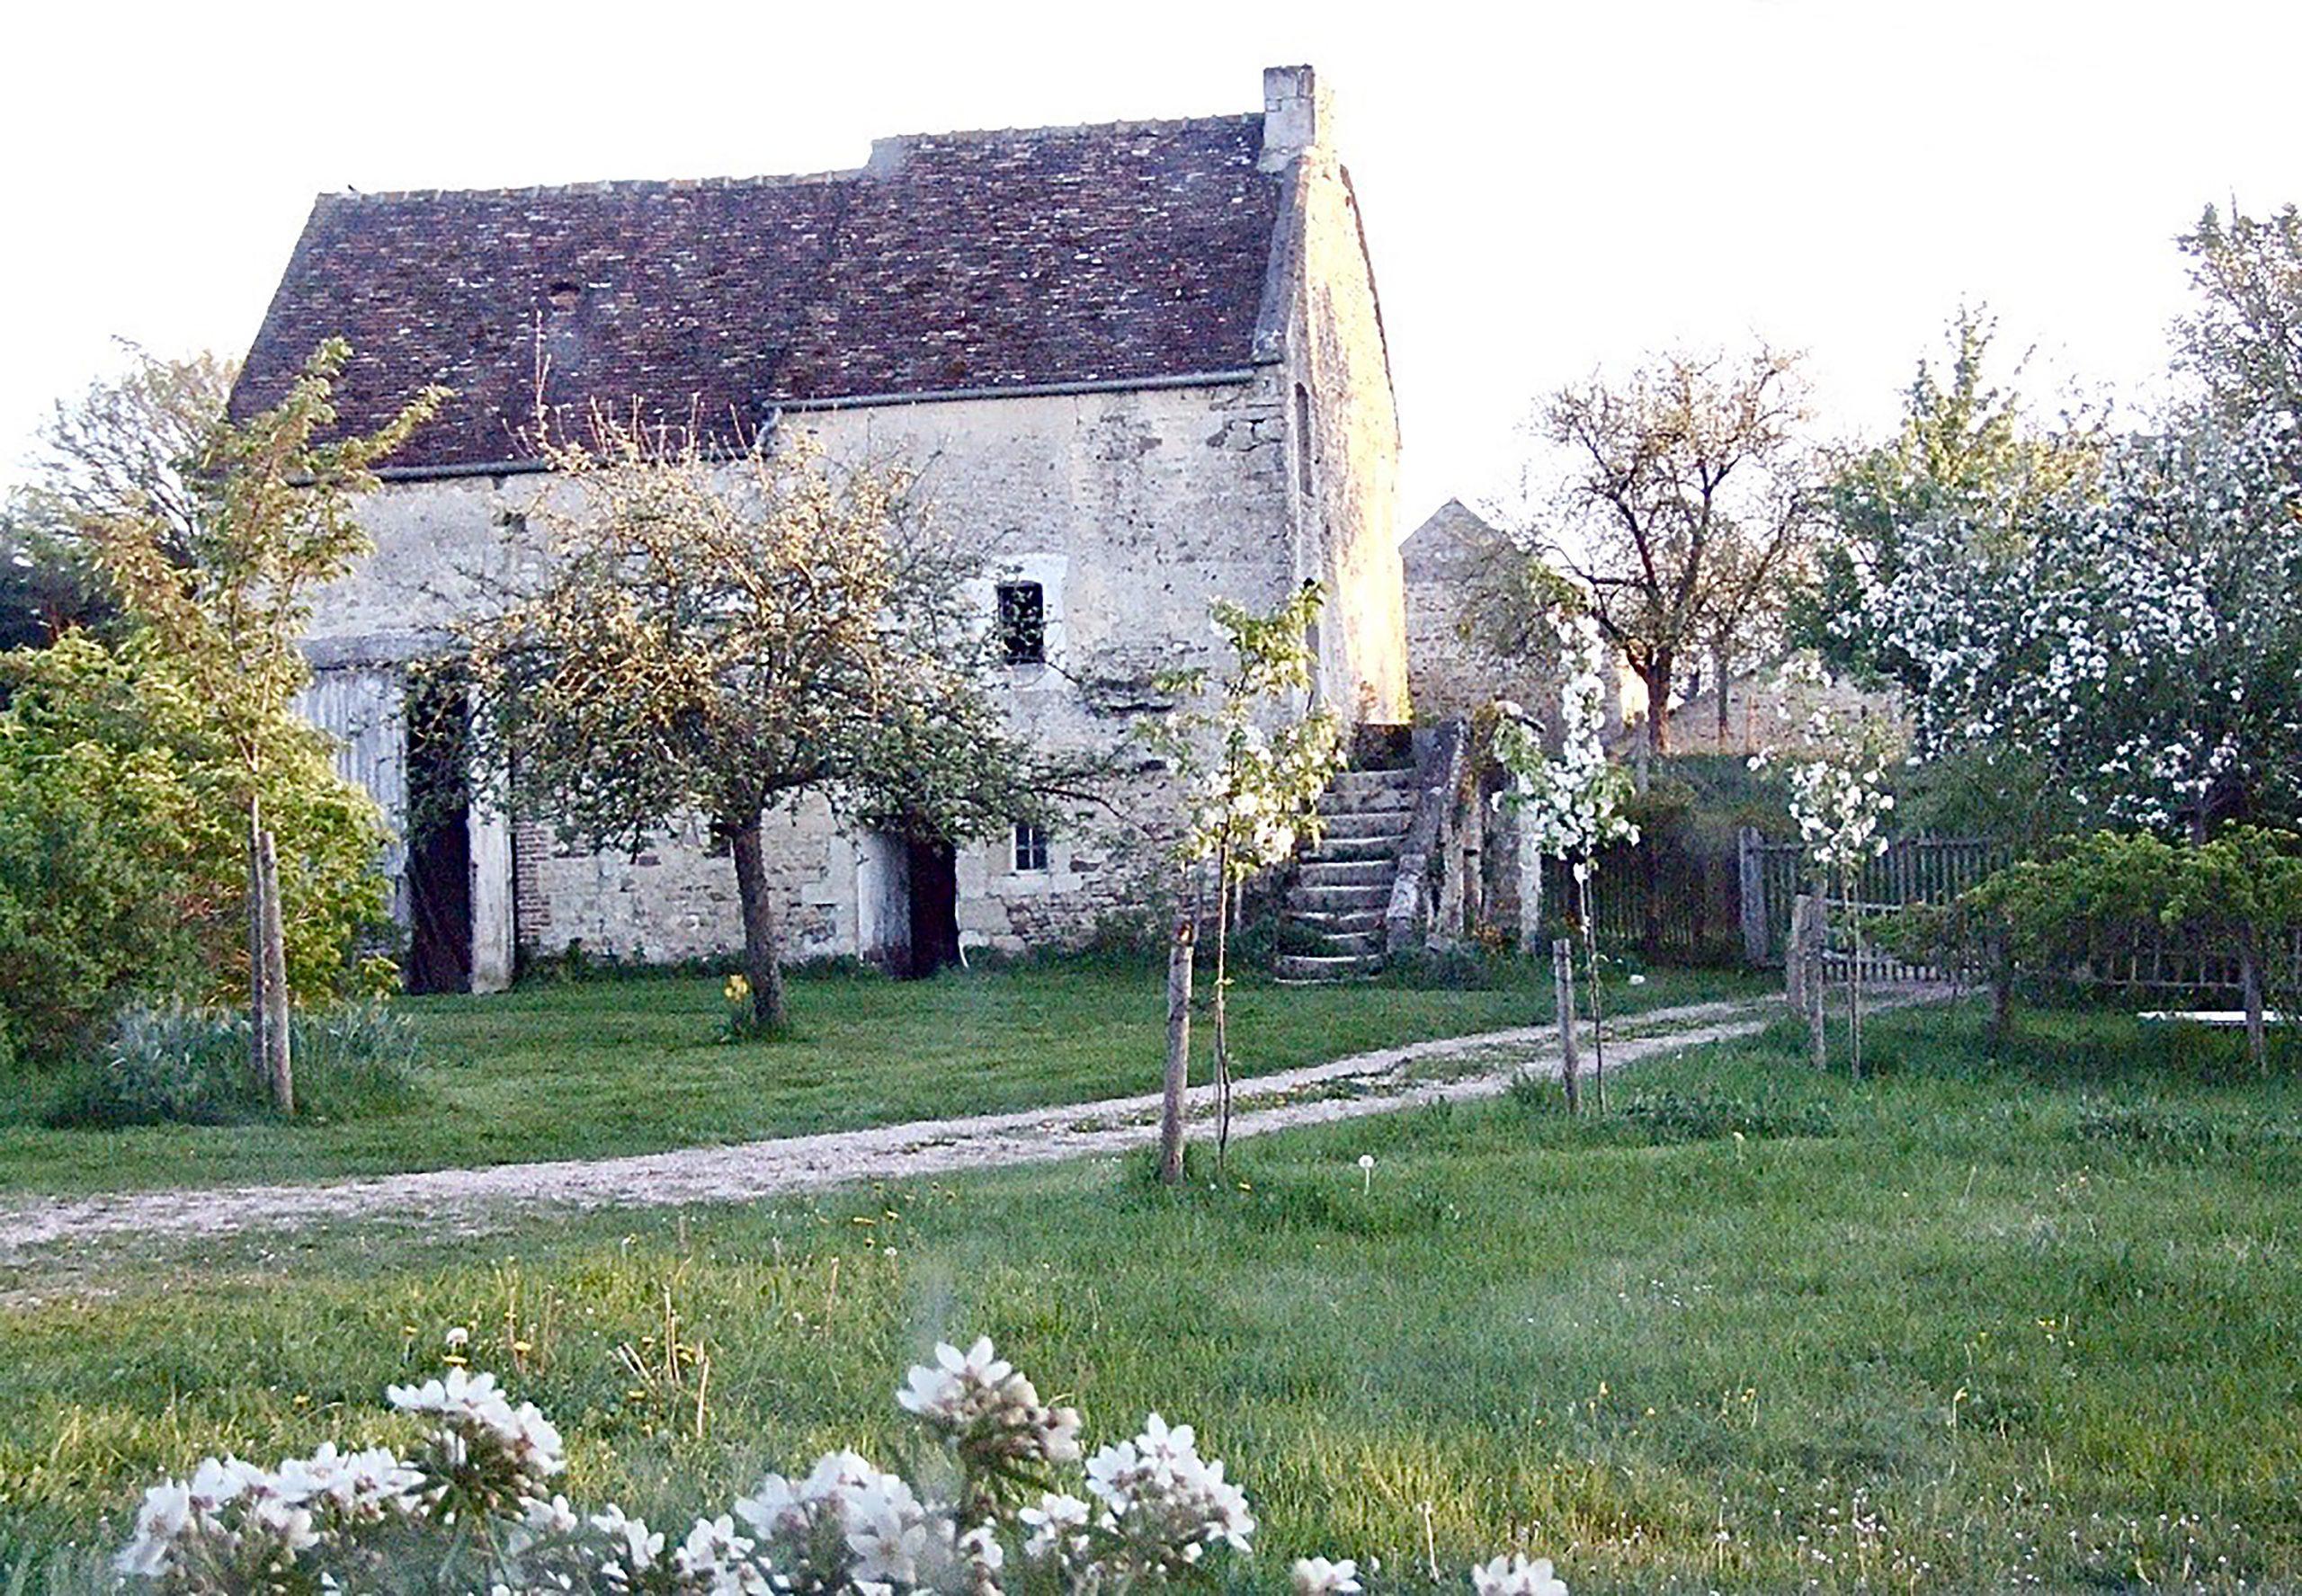 Chambre d'hìtes La Villette Ö Montmerrei (10) ∏La Villette au Jardin